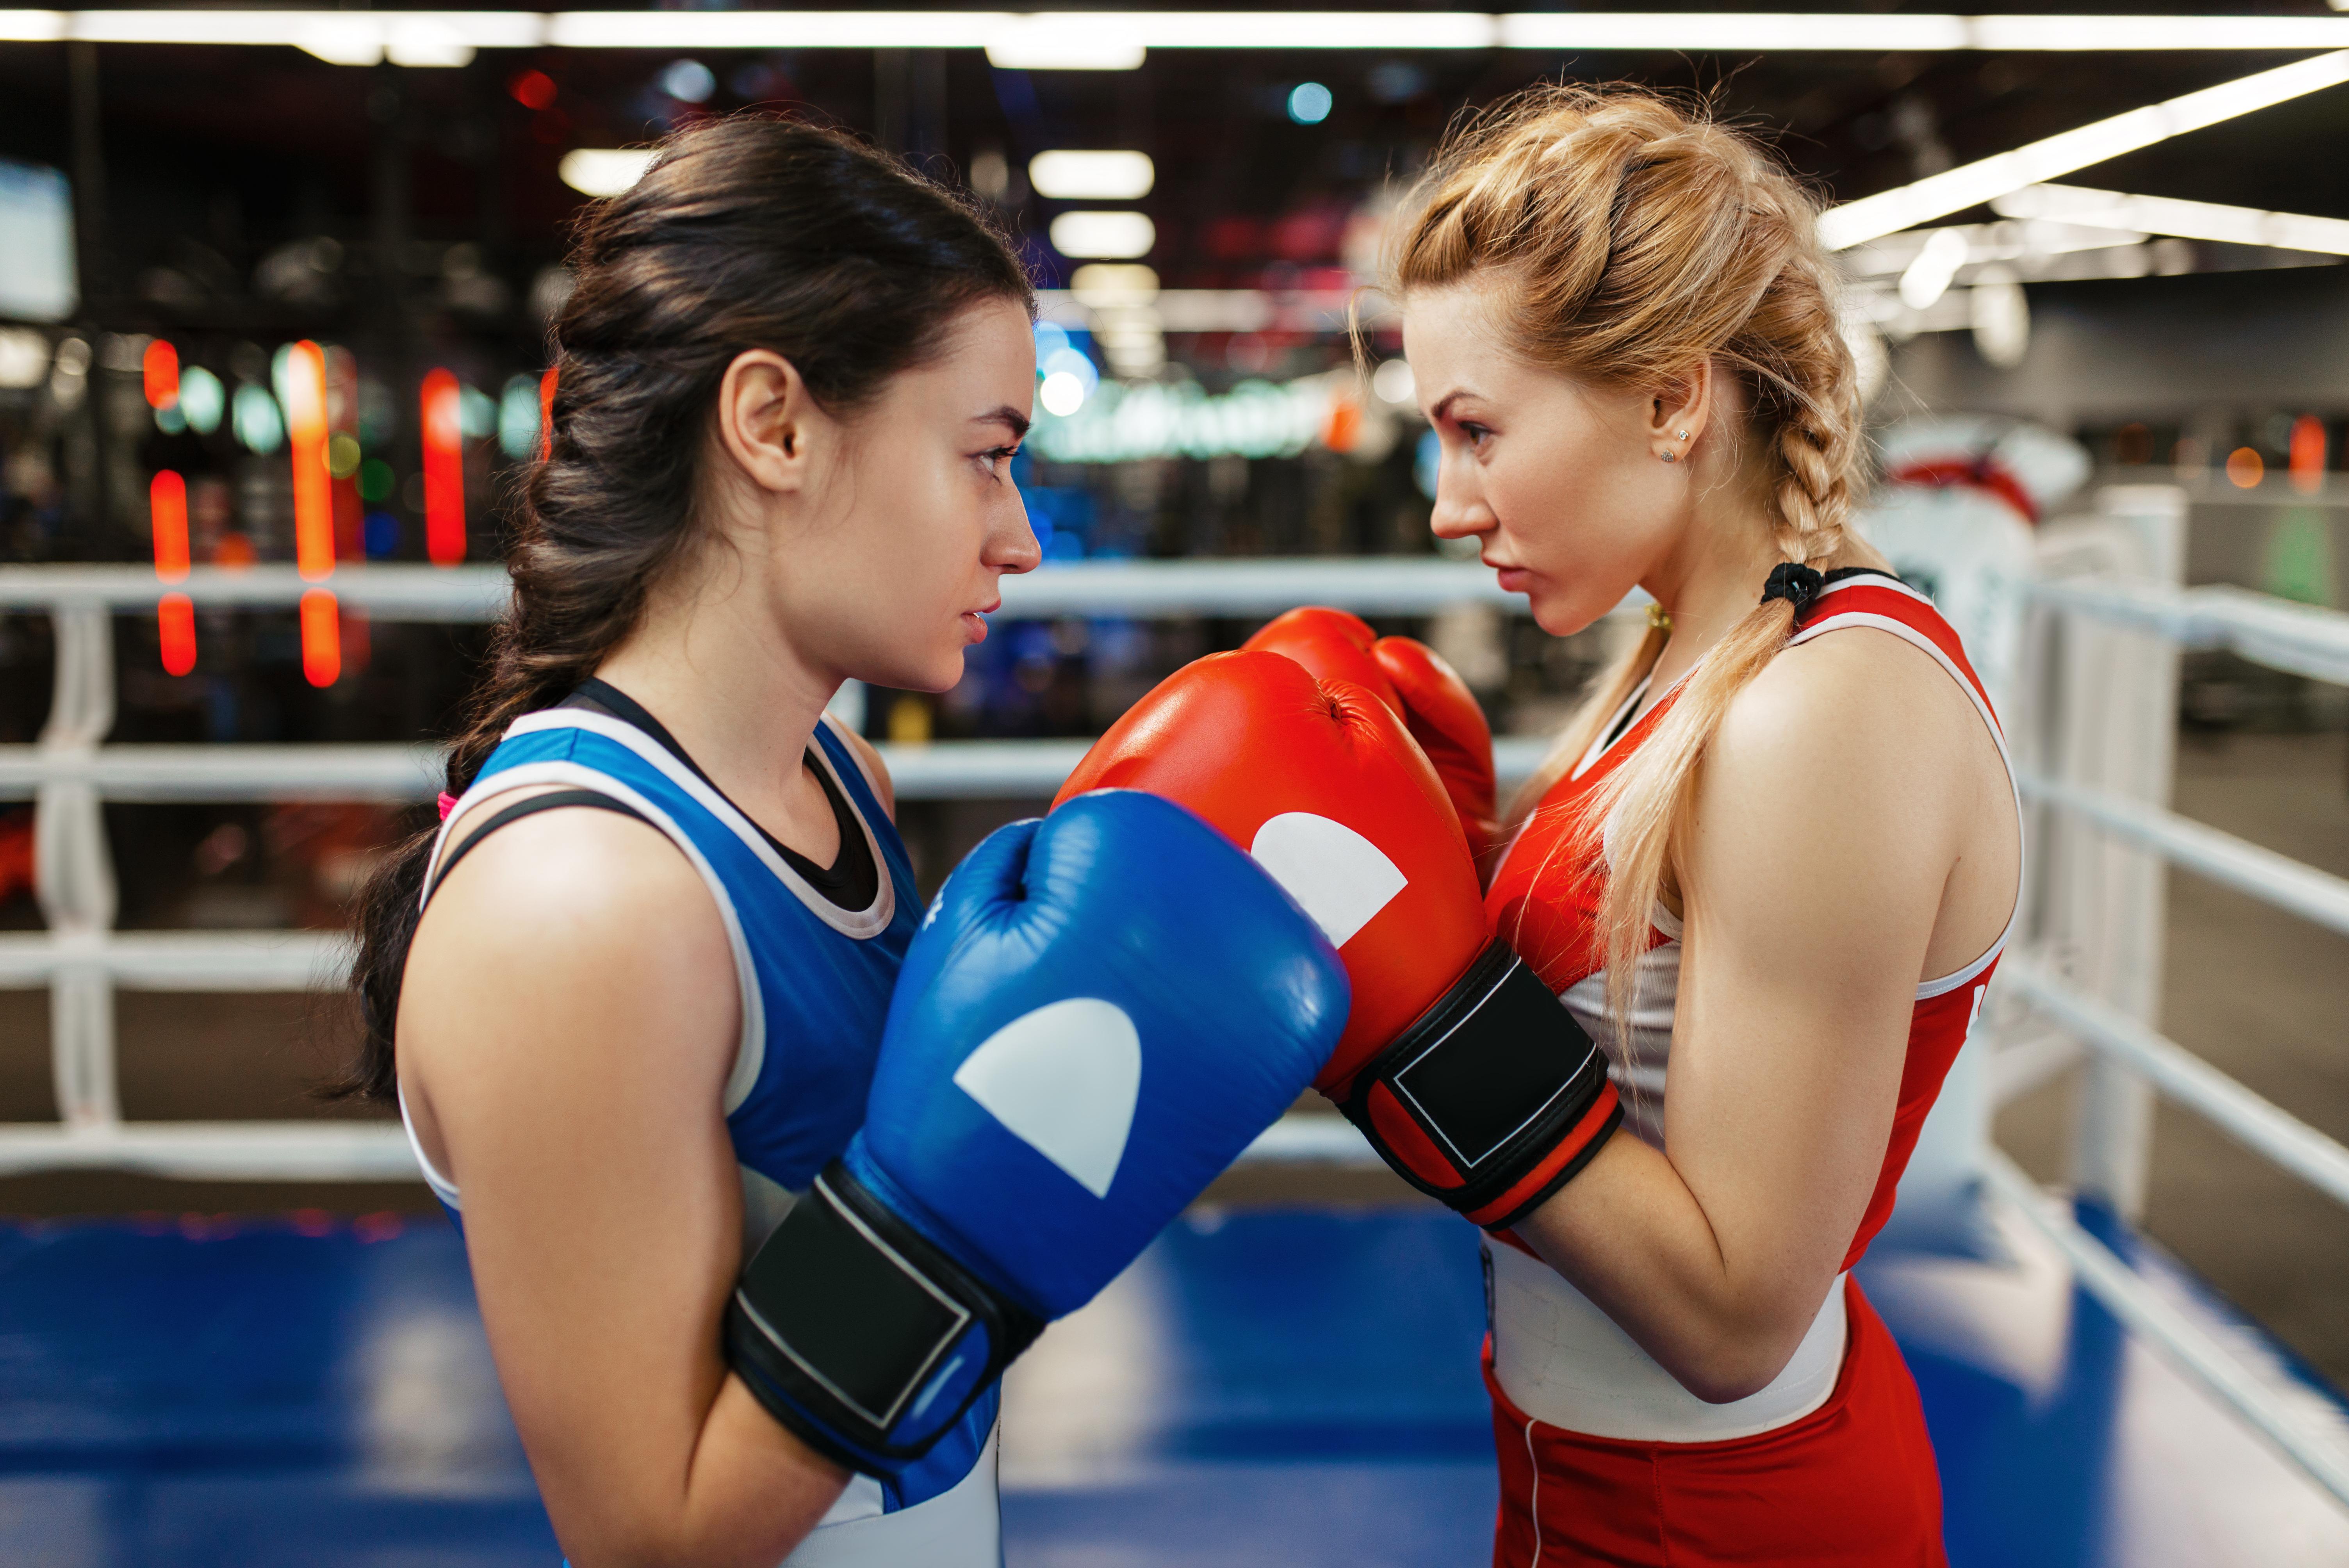 キックボクシングとボクシングの習い事の違い